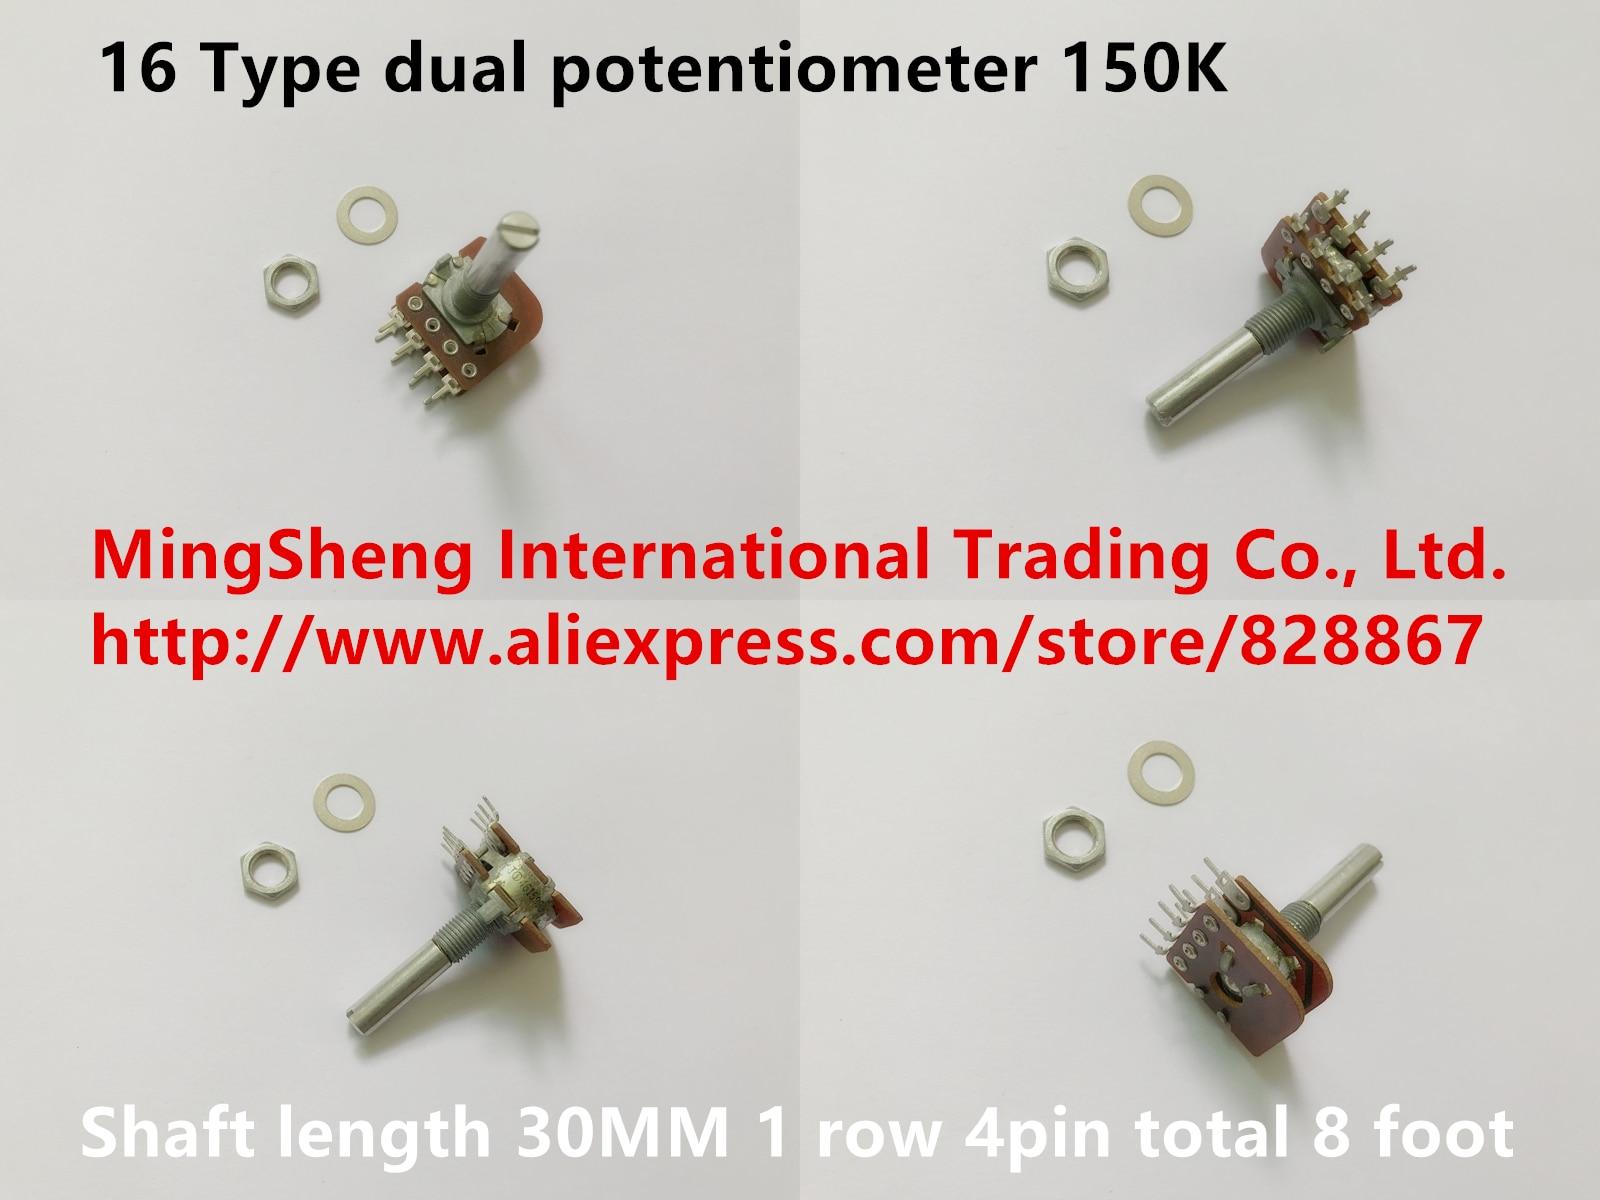 Original nuevo 100% importación 16 Tipo de potenciómetro dual acoplamiento 150K longitud eje 30MM 1 Fila 4pin (interruptor)